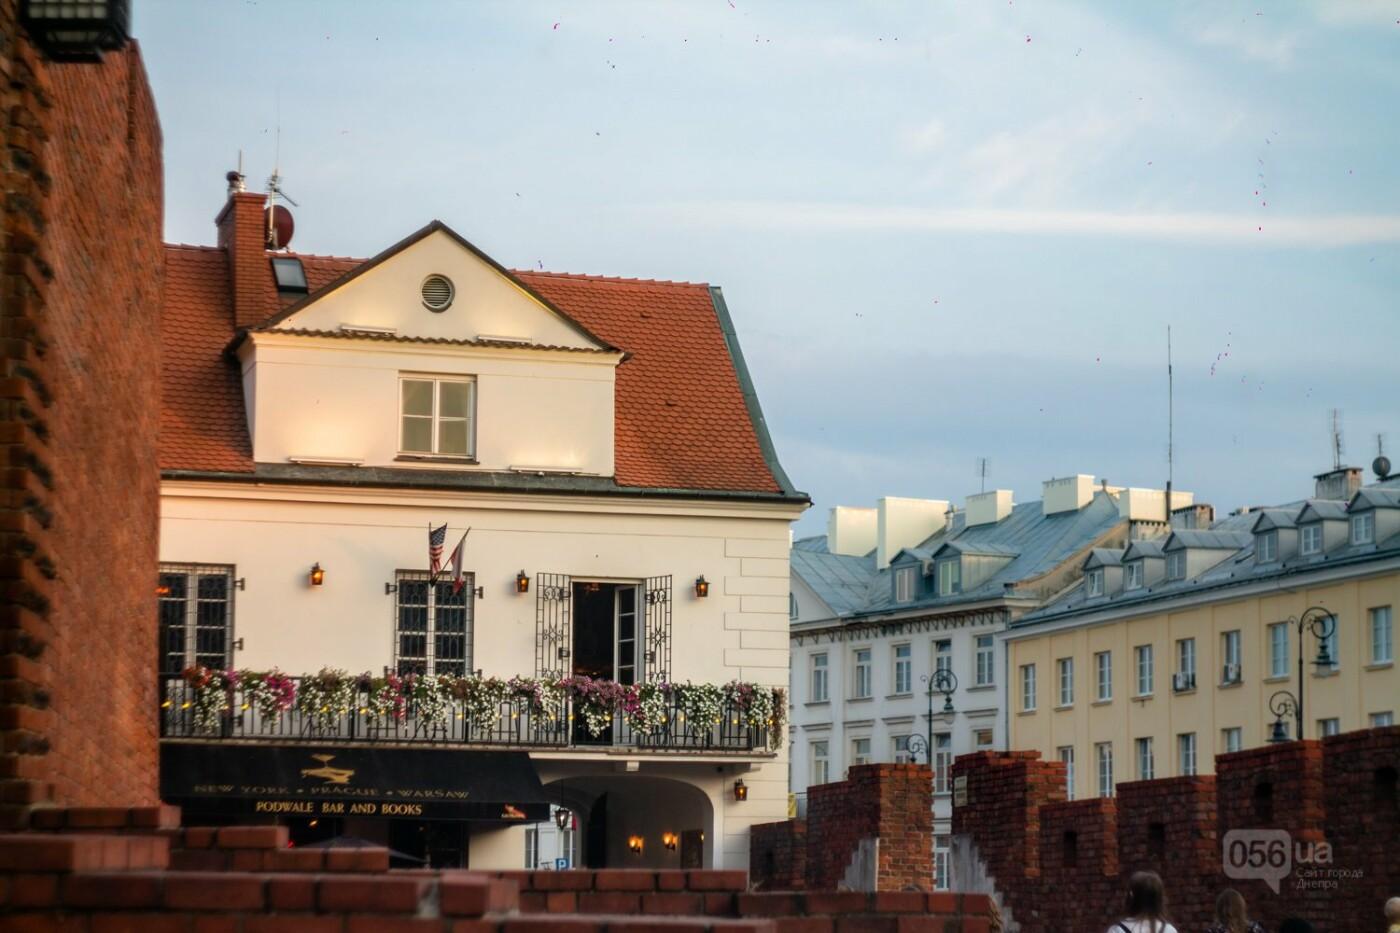 Волшебный Старый город, огромный зоопарк и сад на крыше: где жить, что есть и куда ходить в Варшаве, - ФОТО, фото-8